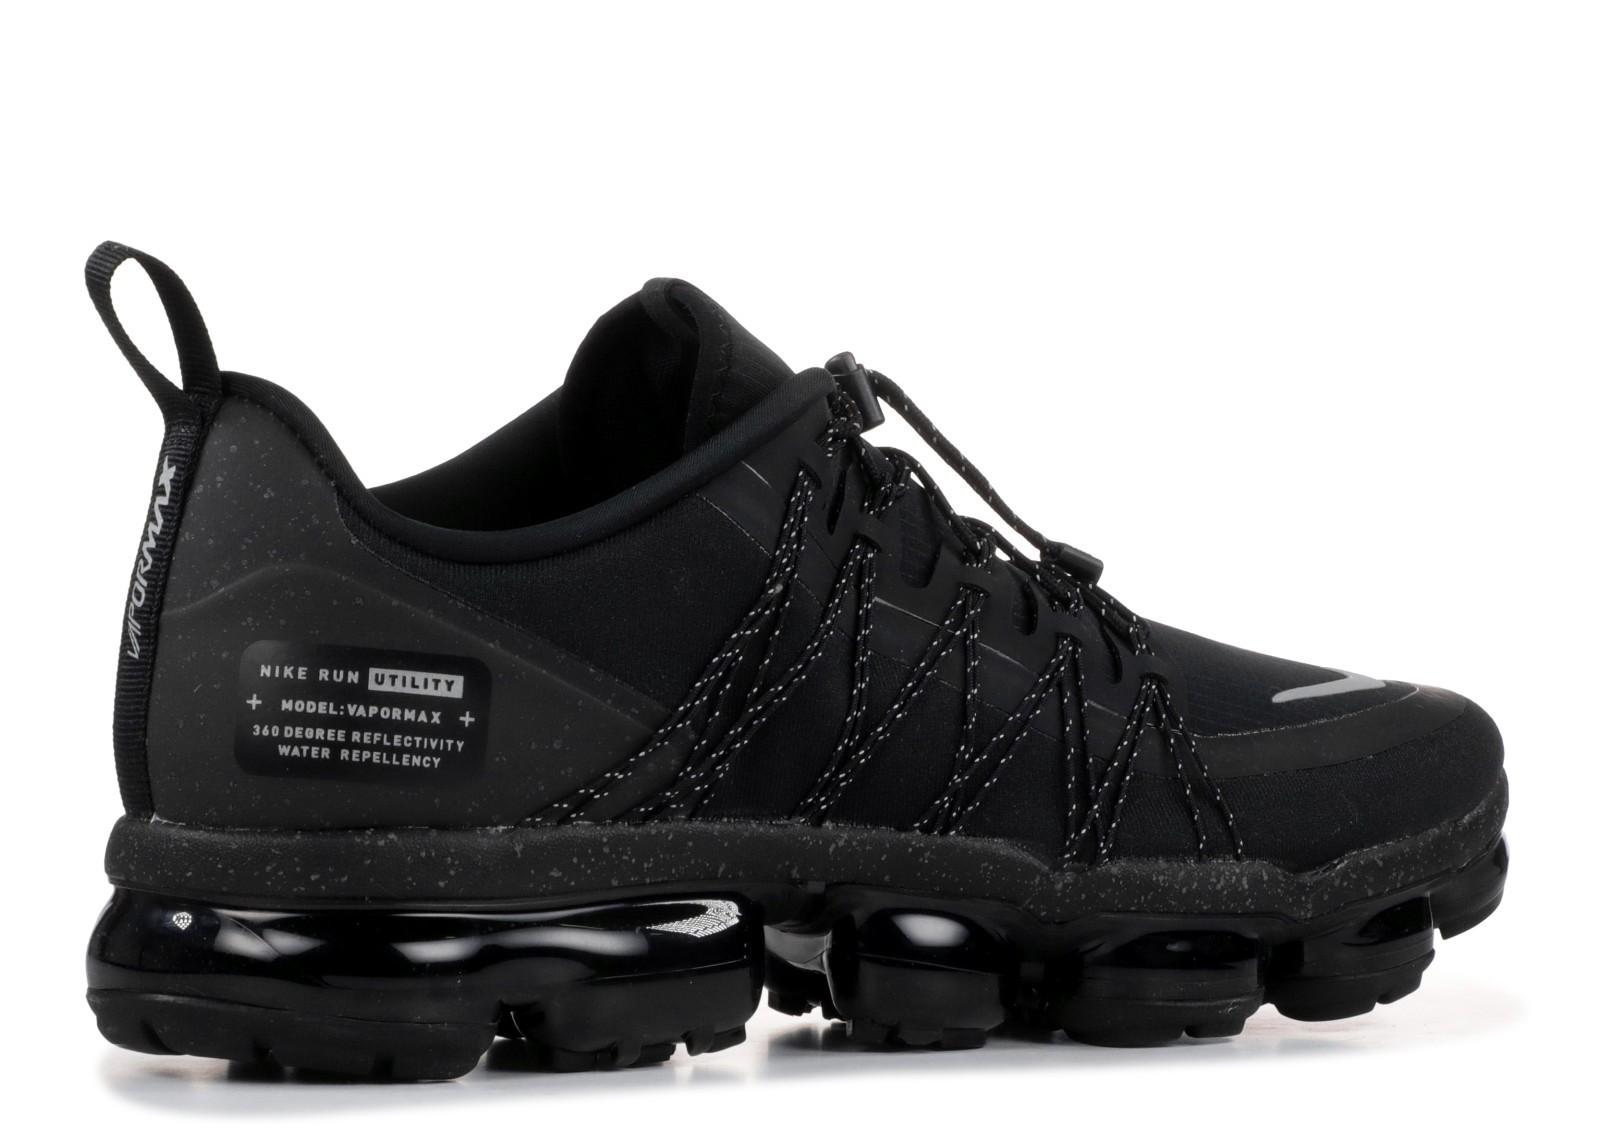 Nike Air VaporMax Run Utility Black | AQ8810 003